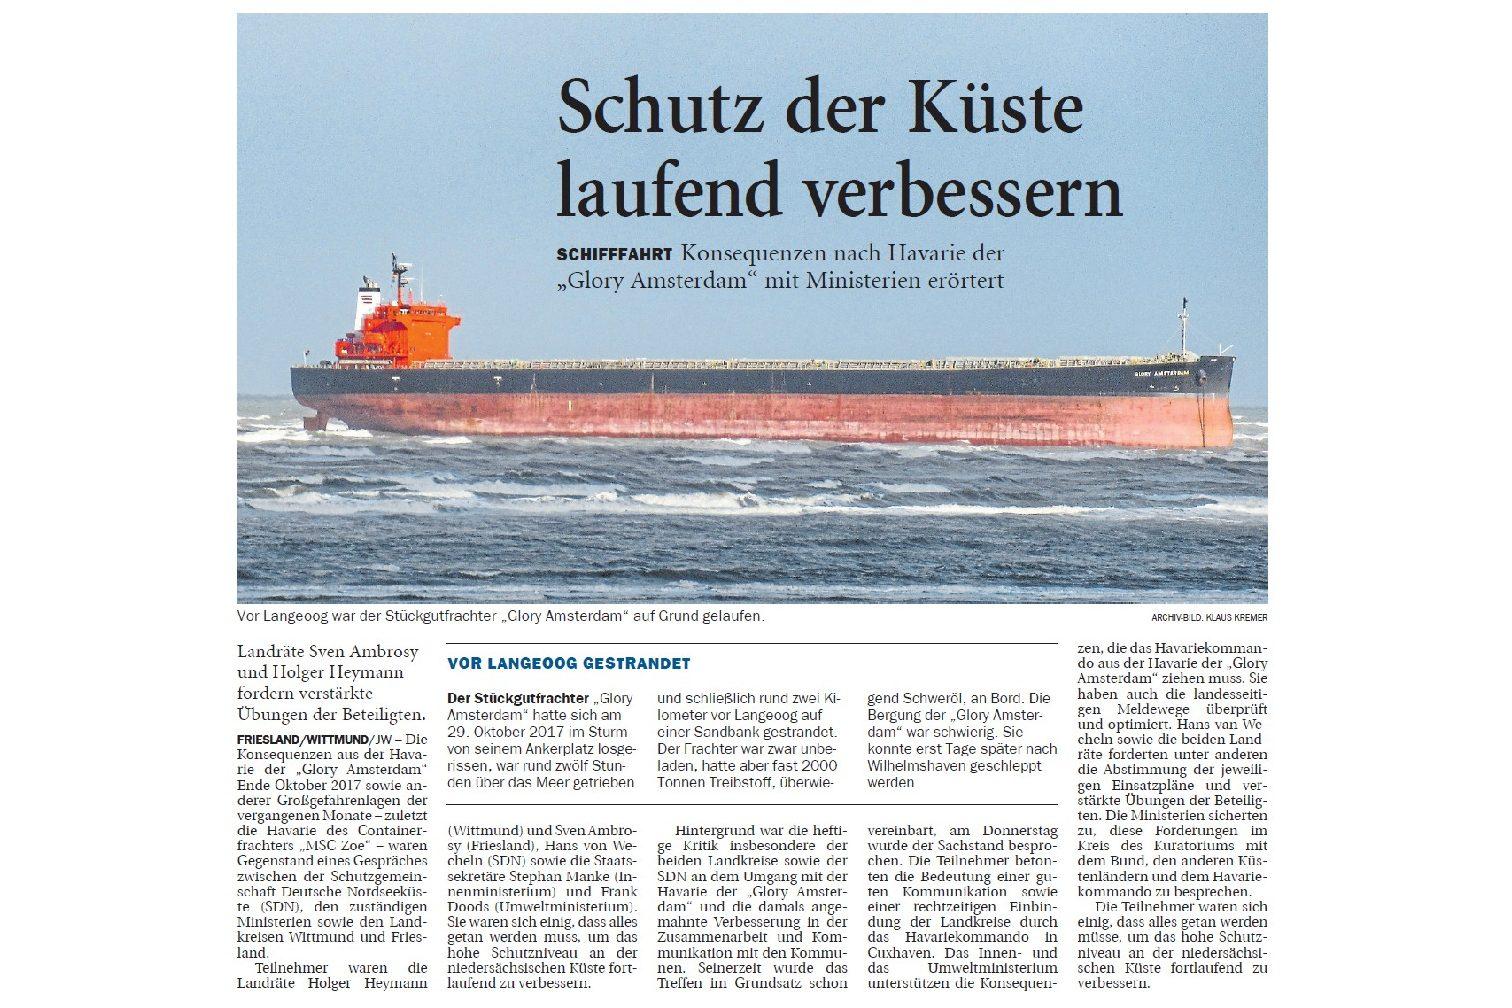 Jeversches Wochenblatt 19.01.2019 II